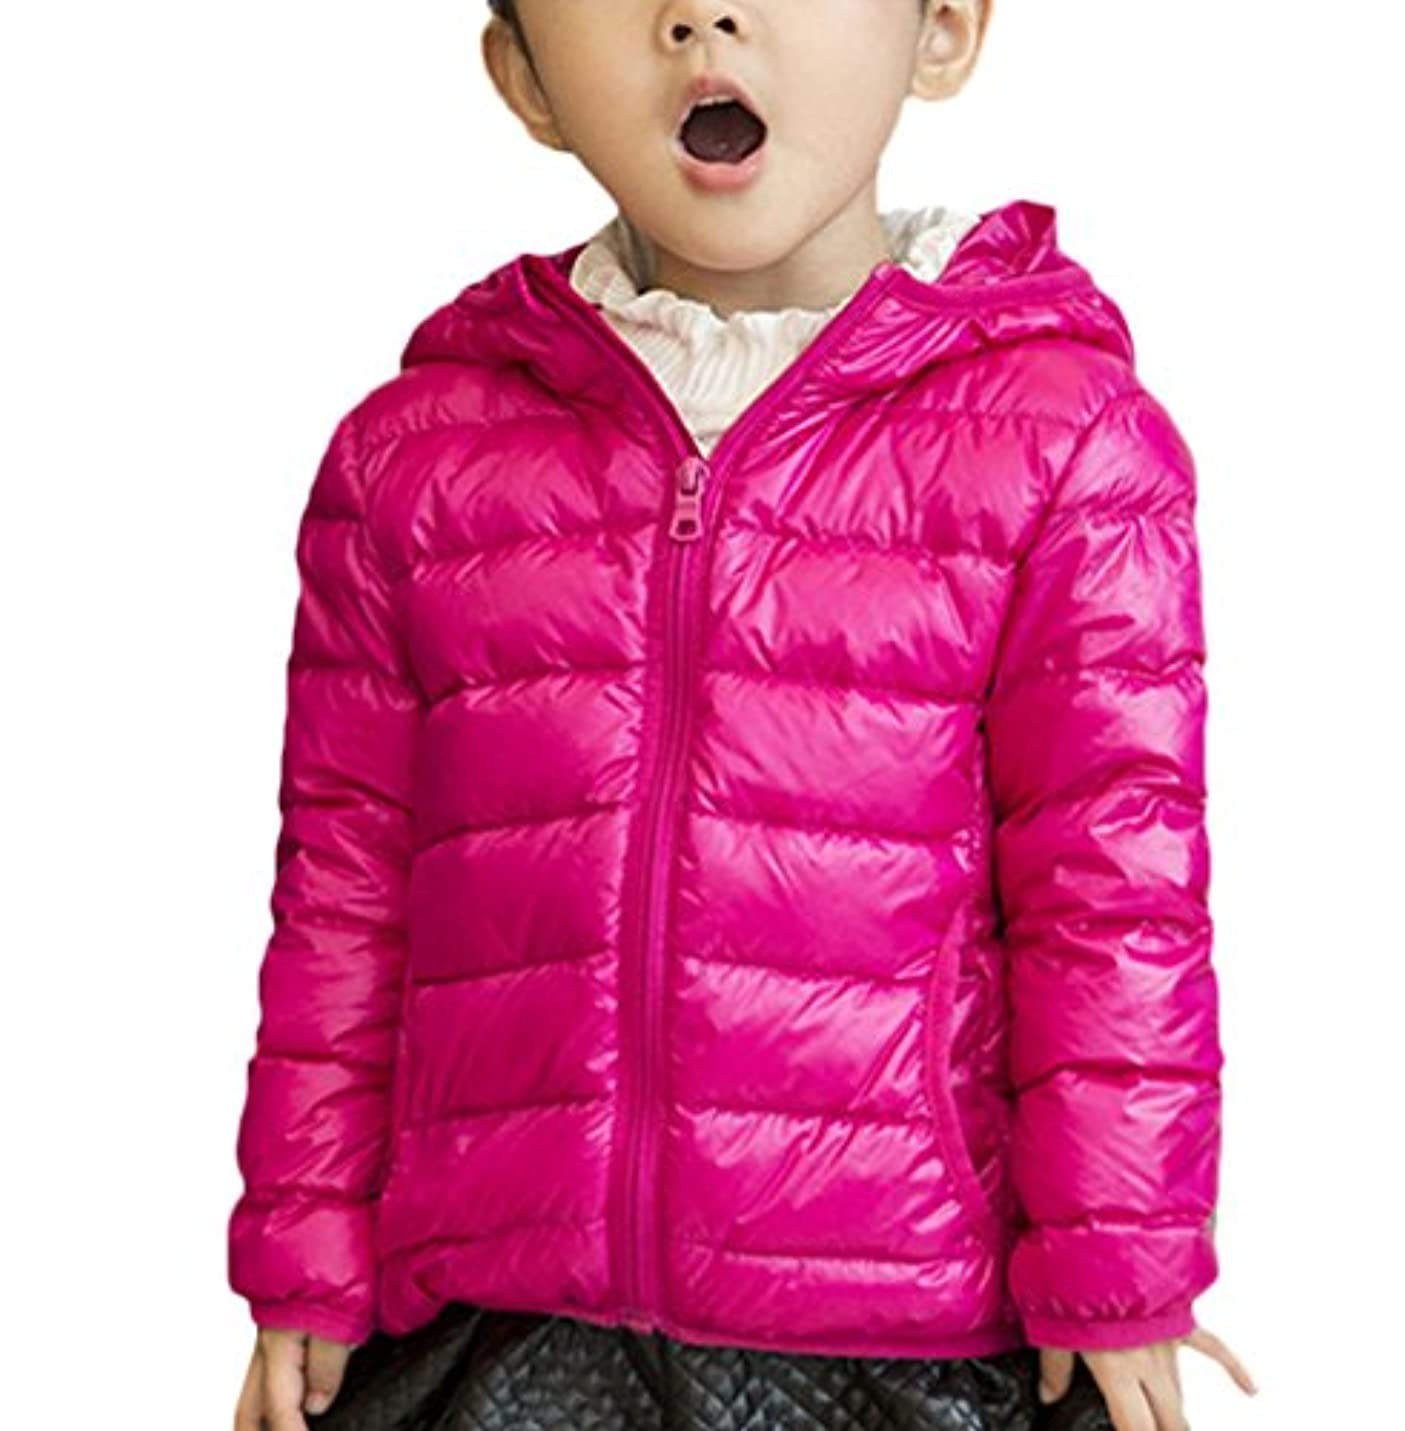 懇願する喜んで宅配便ZUOMA子供服 キッズダウンコート 男女兼用 軽量コート 綿入上着 ベビーウエア